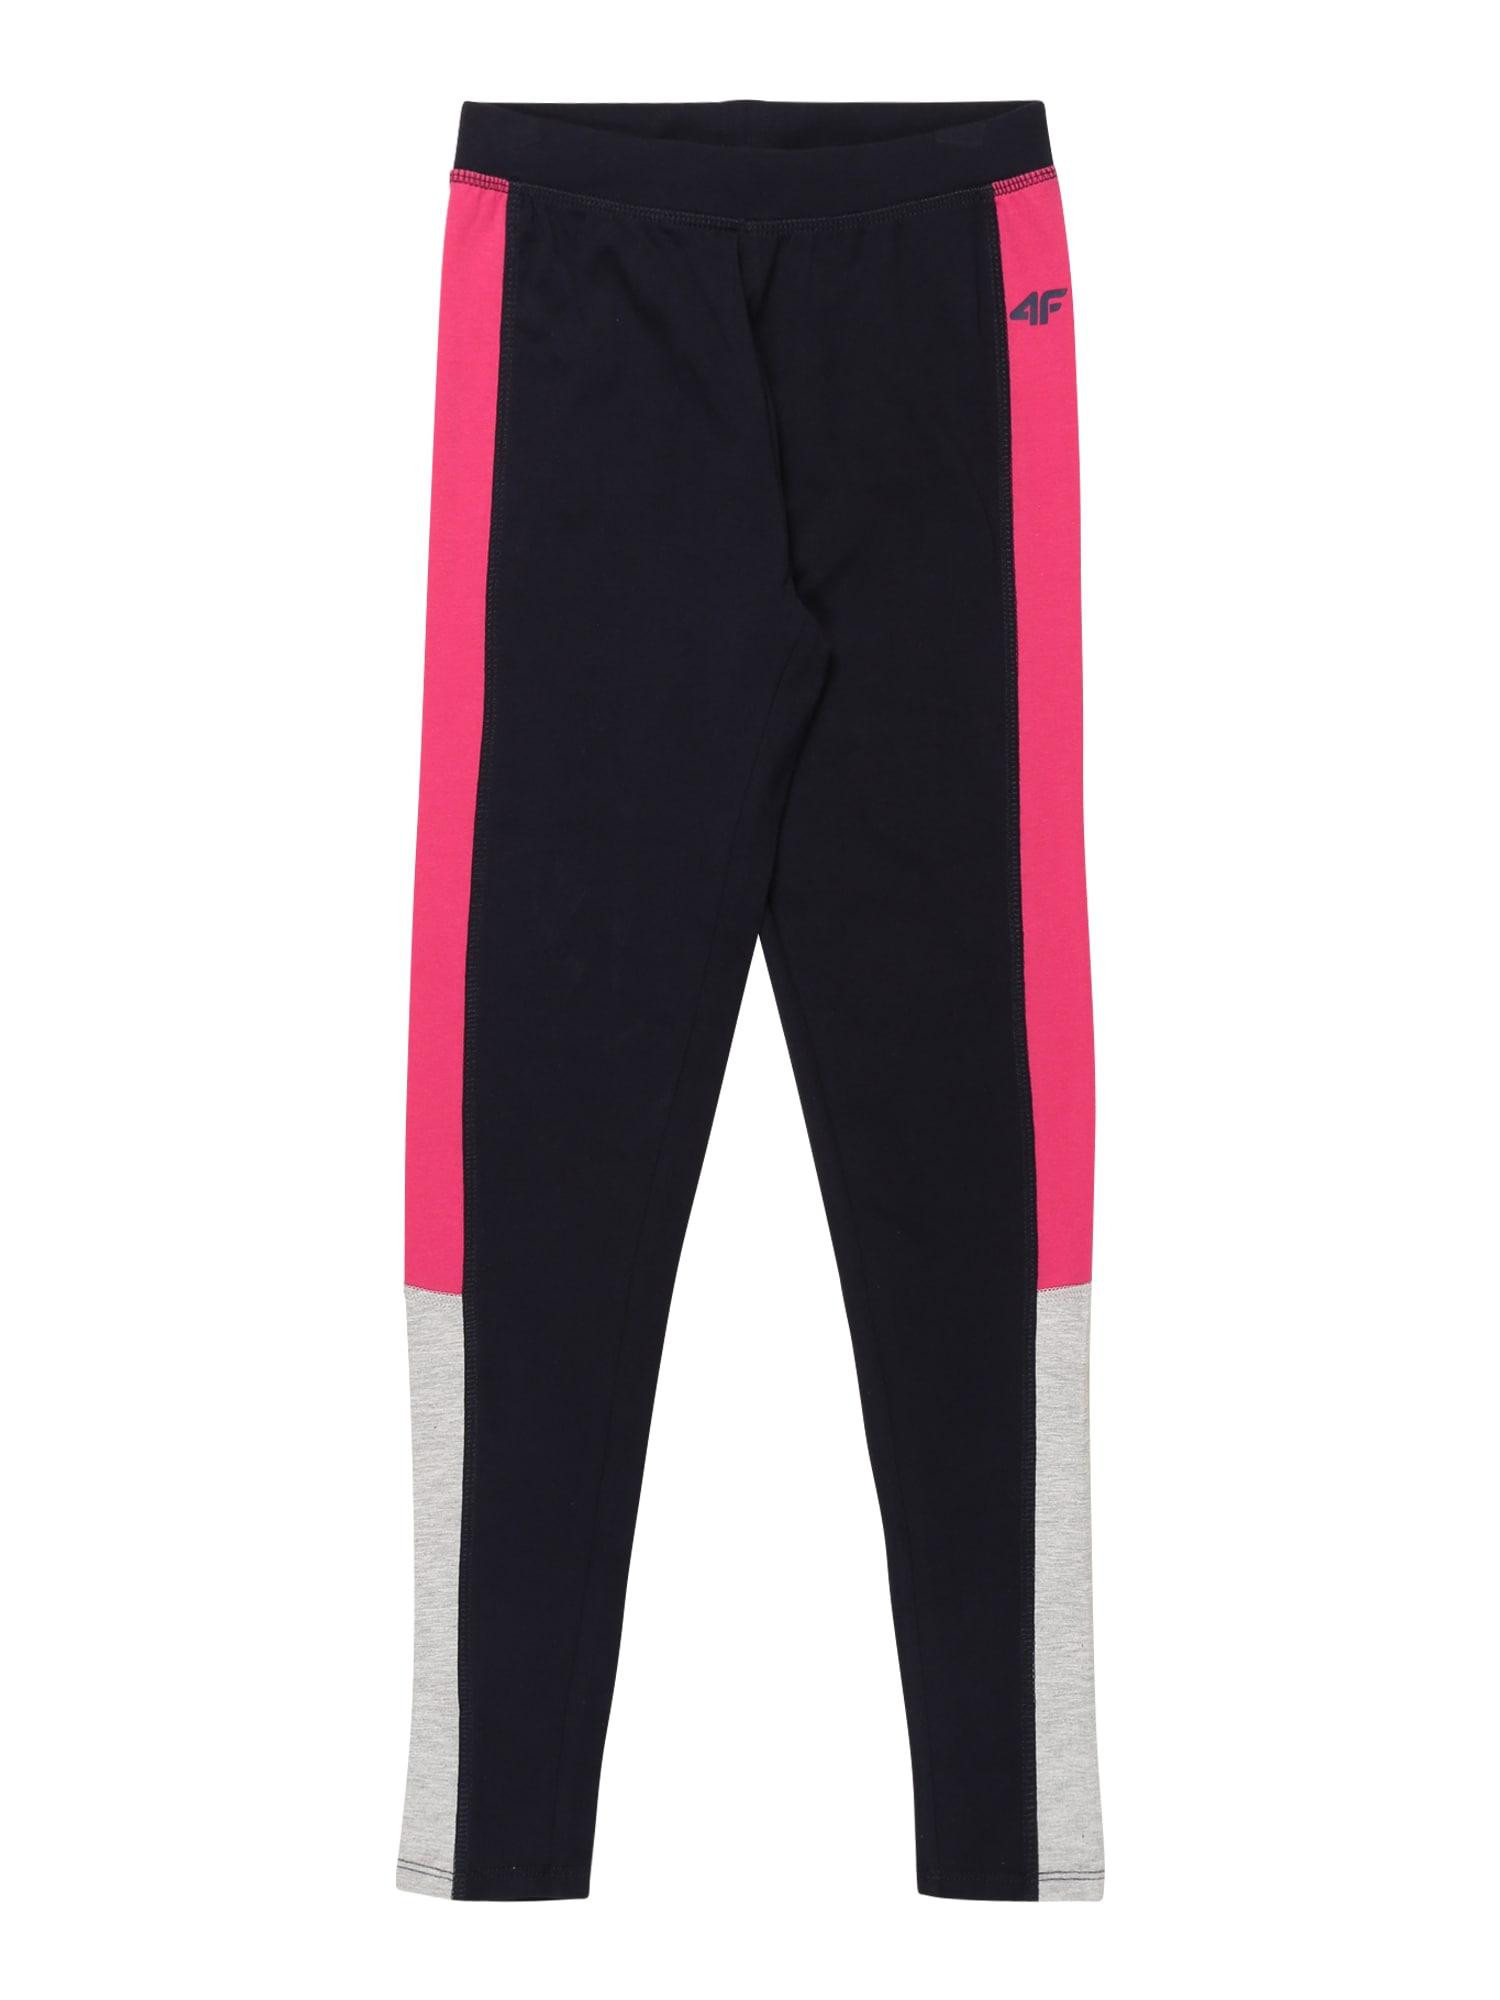 4F Sportinės kelnės tamsiai mėlyna / rožinė / pilka